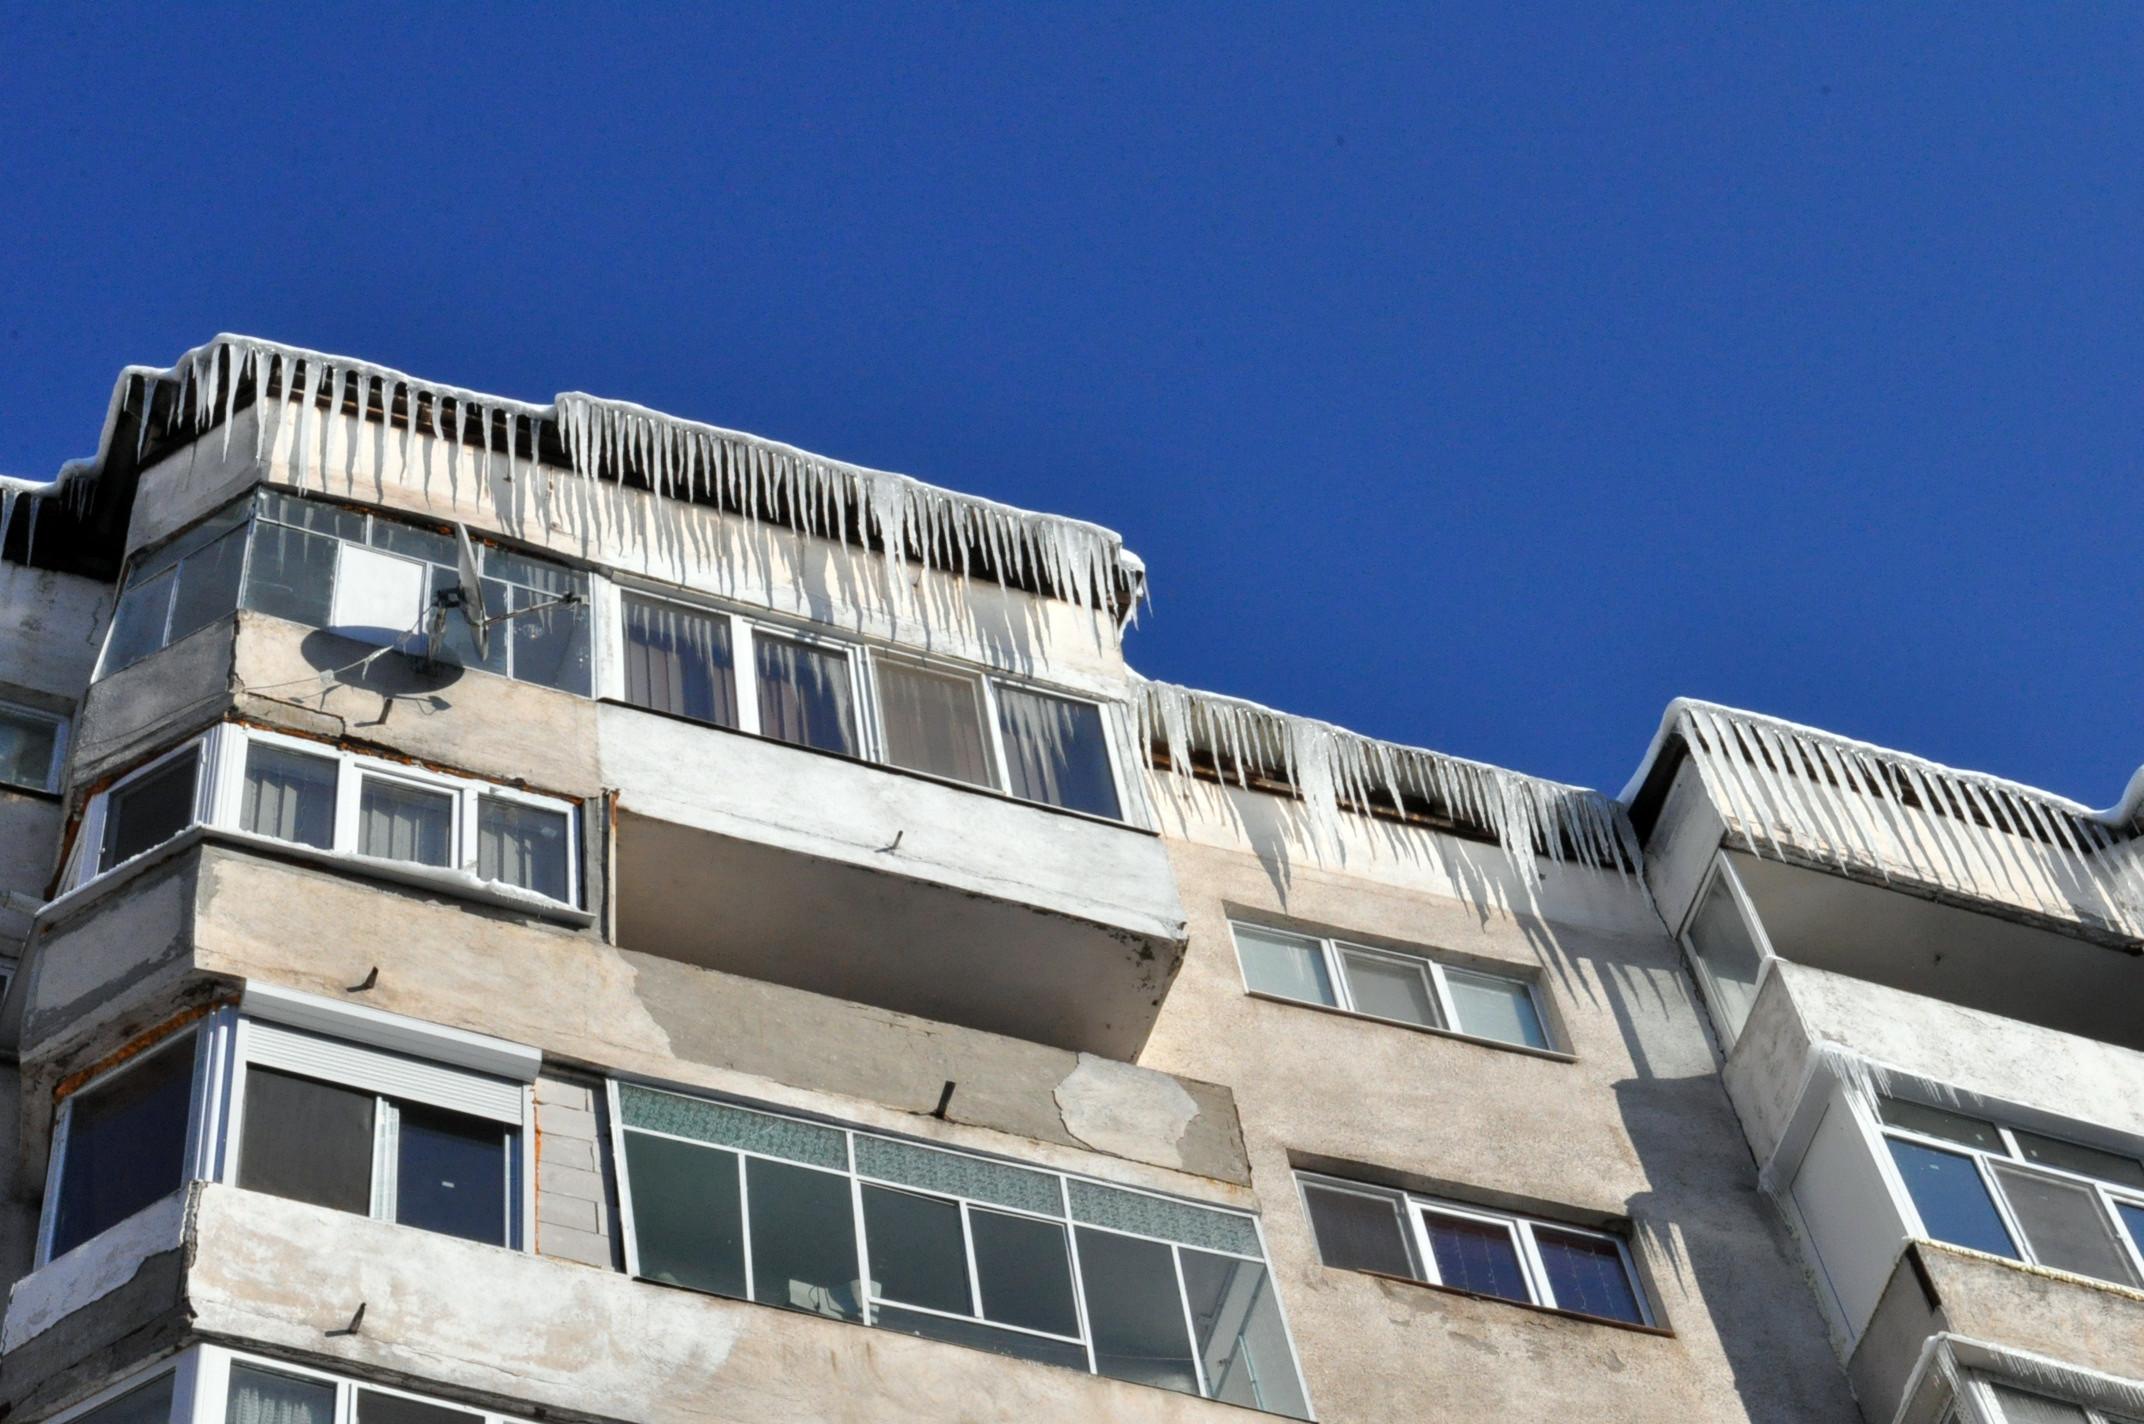 Locatarii unui bloc din Iași, obligați să plătească daune din cauza unor țurțuri care au căzut pe o mașină